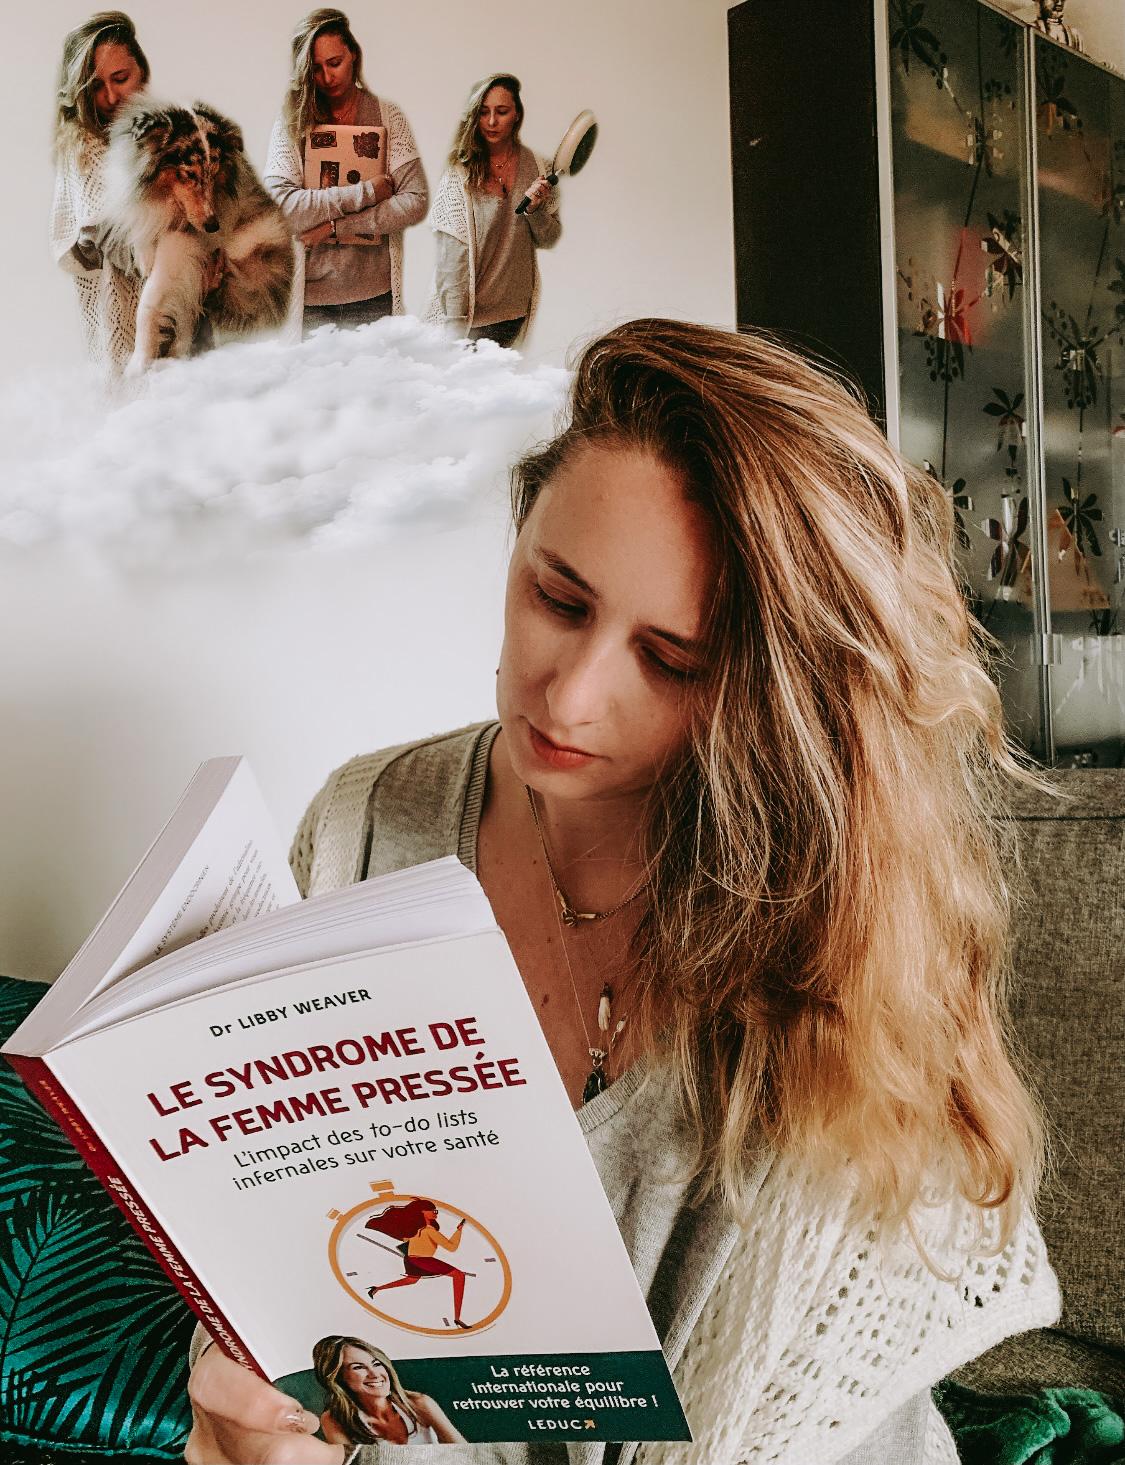 Le Syndrome de la femme pressée